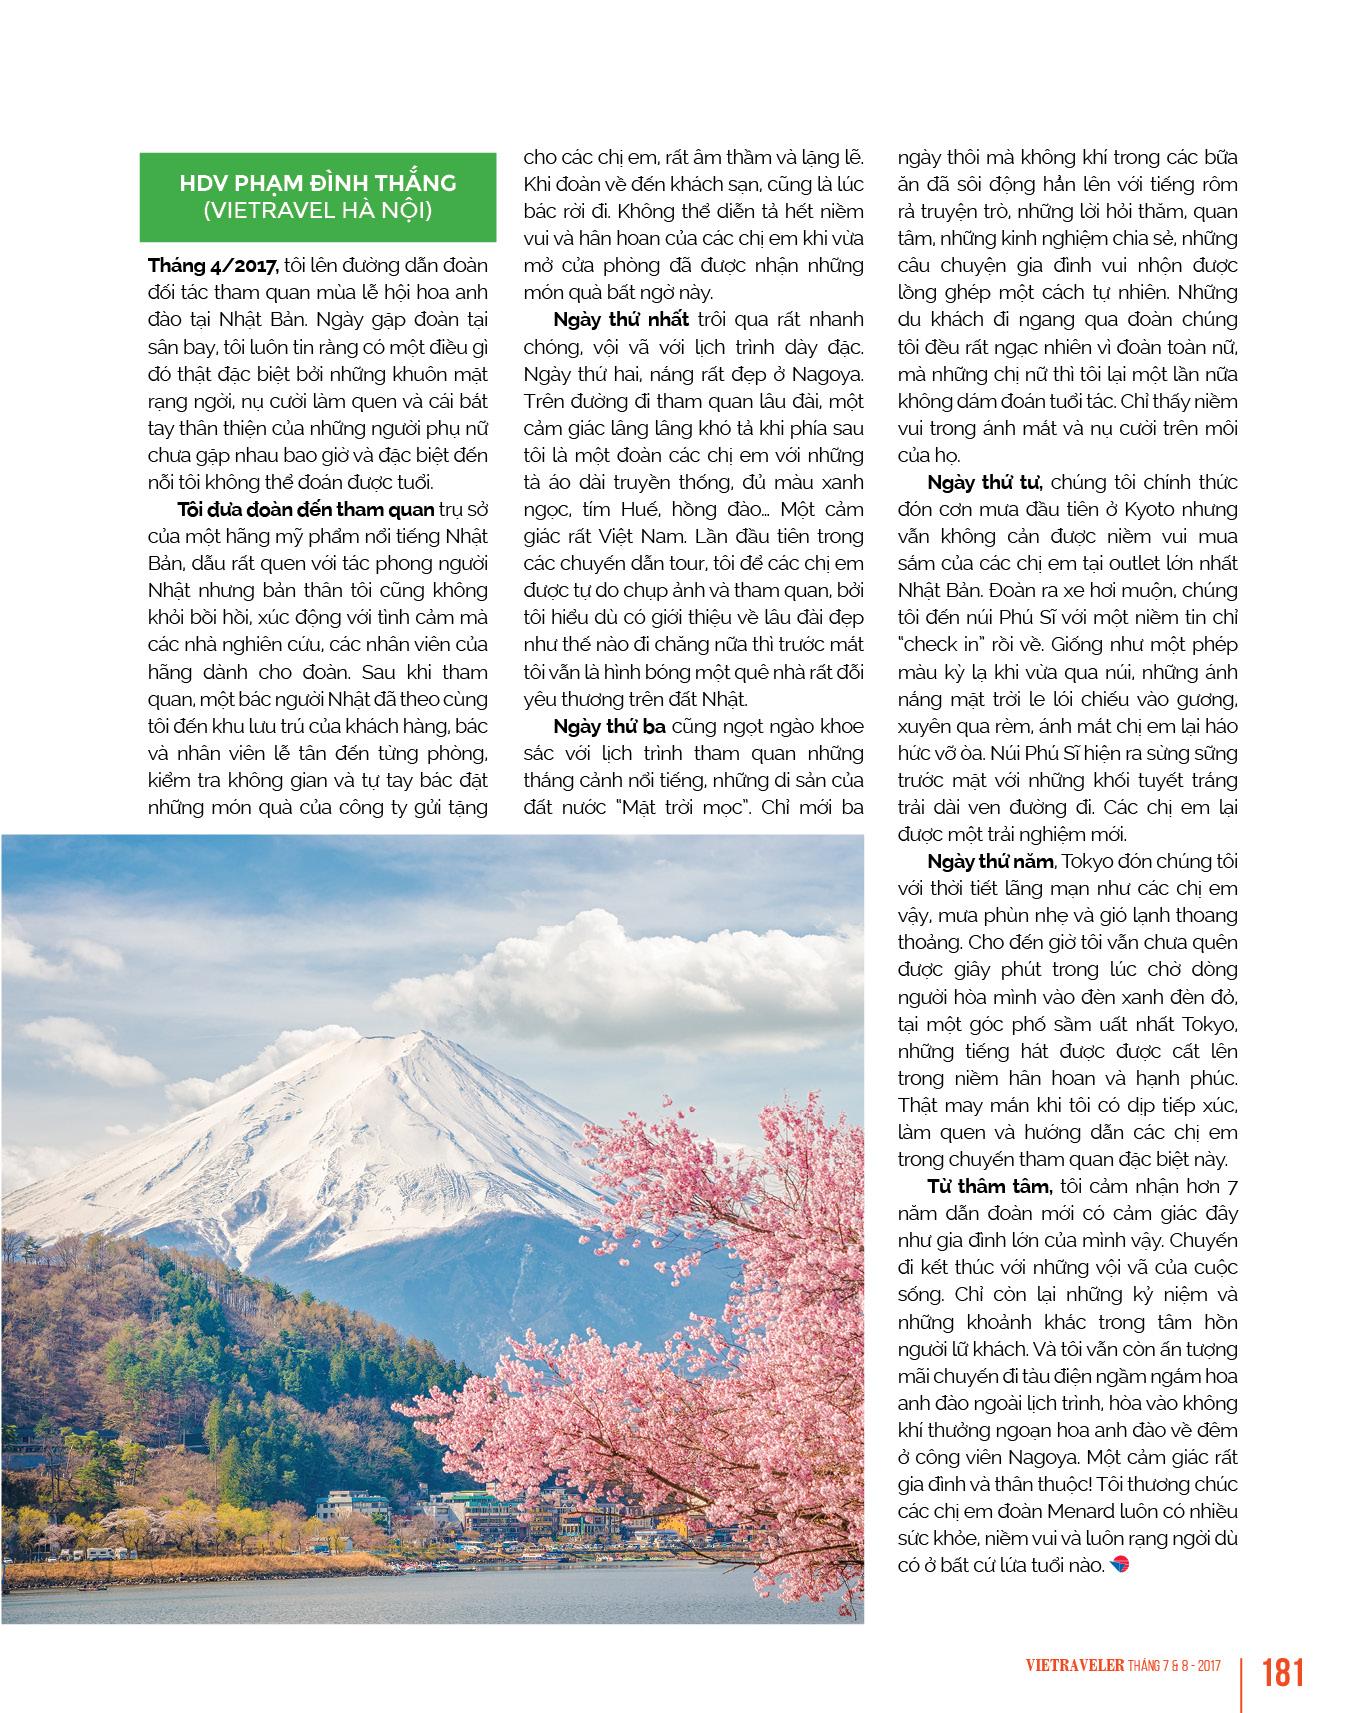 Trang 182